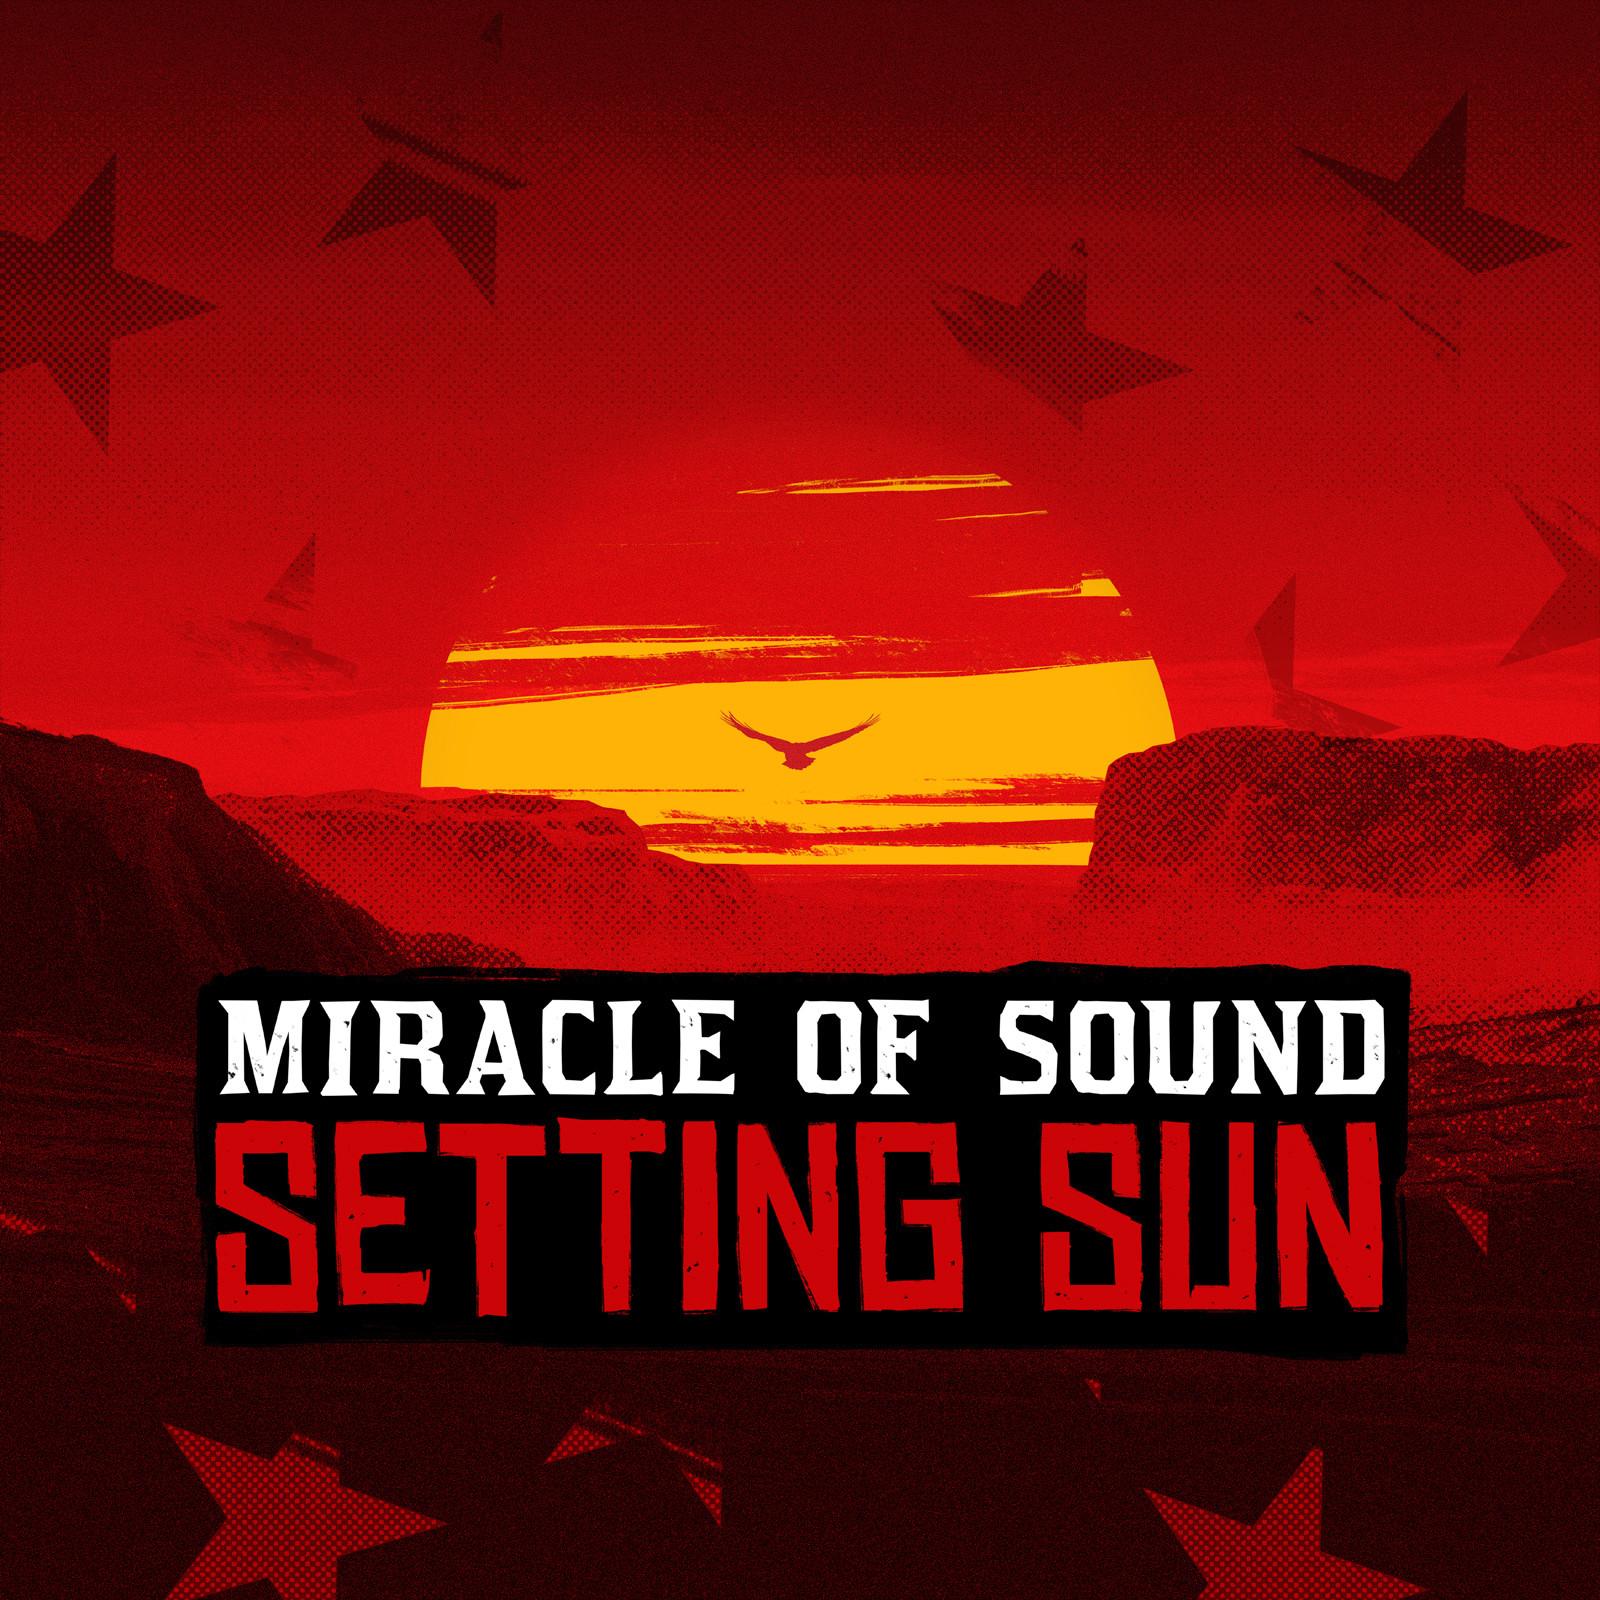 Alfred khamidullin setting sun 12